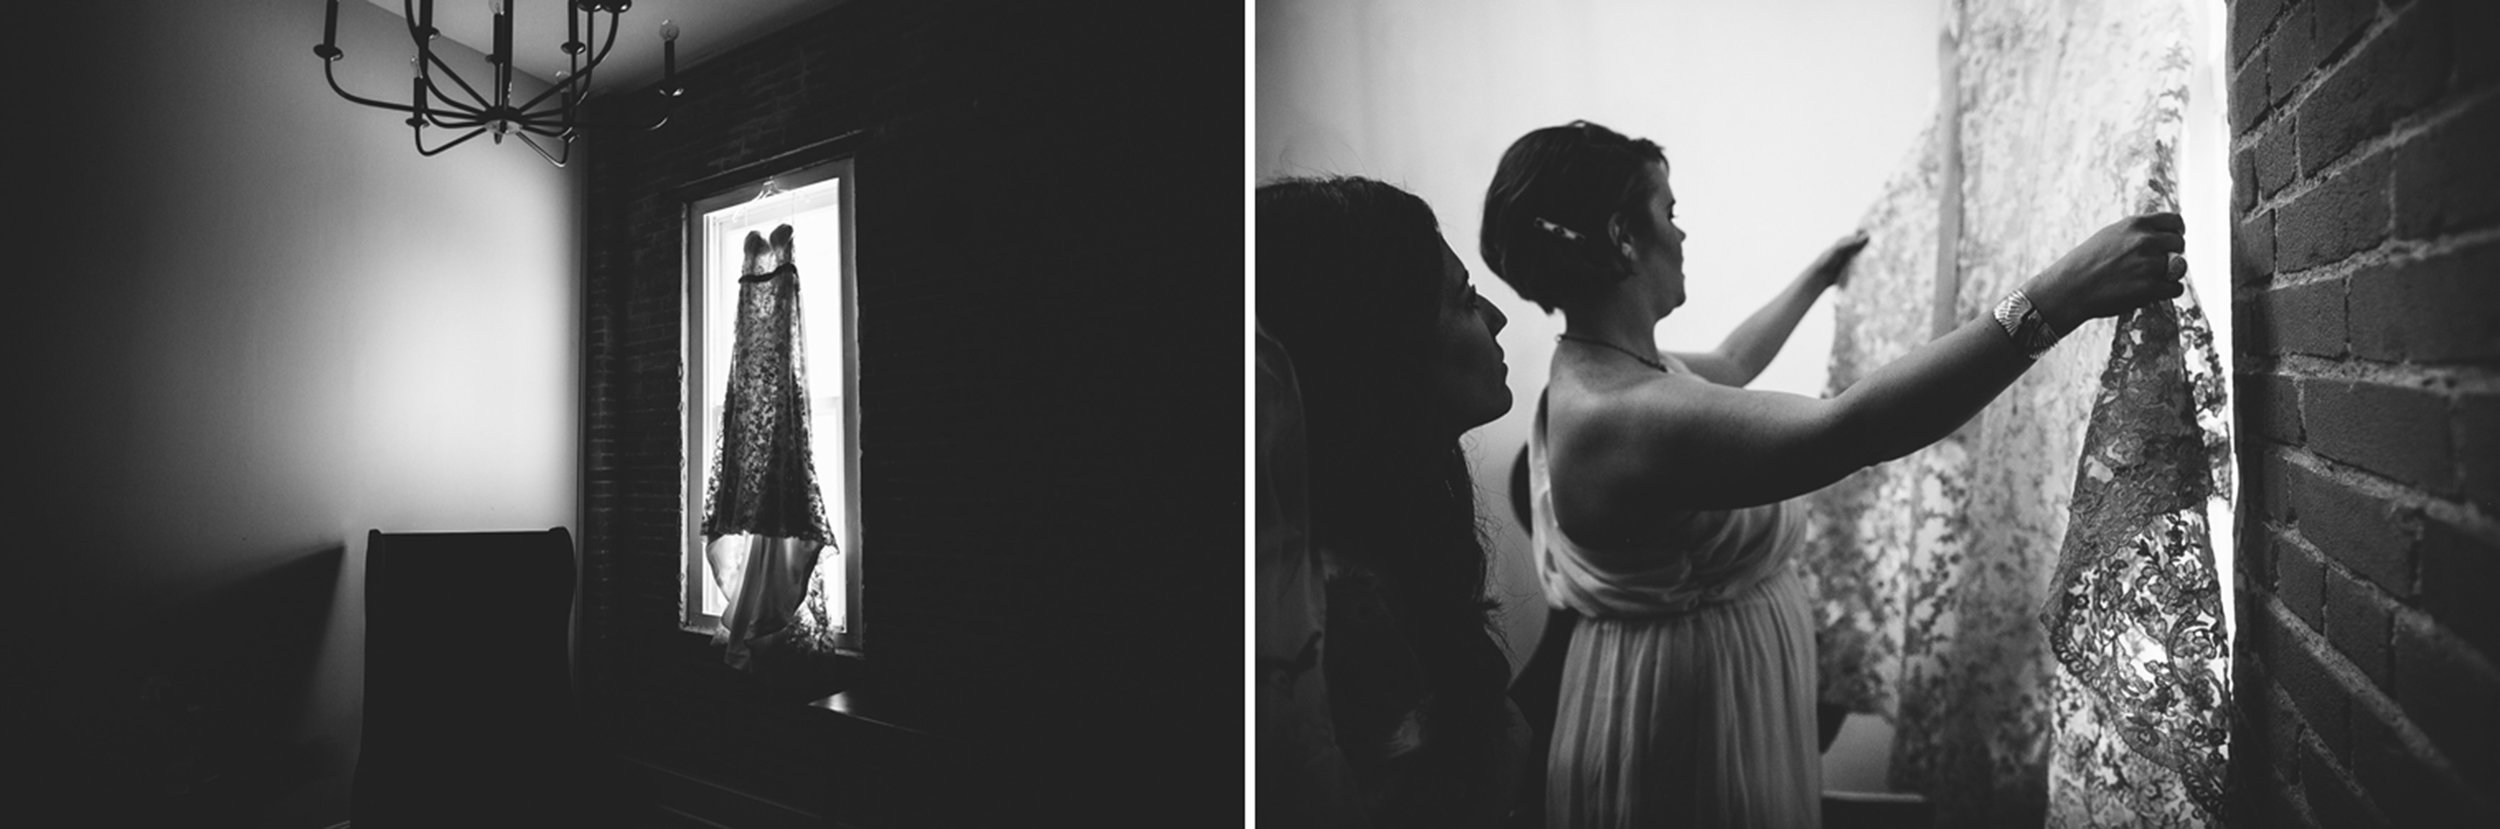 Austin_WeddingPhotographer002.jpg